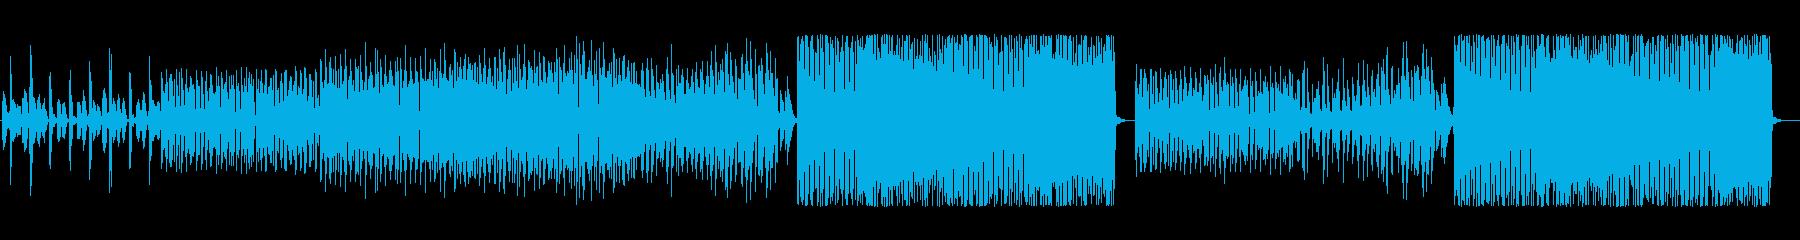 哀愁漂うメロディーが特徴のEDMの再生済みの波形